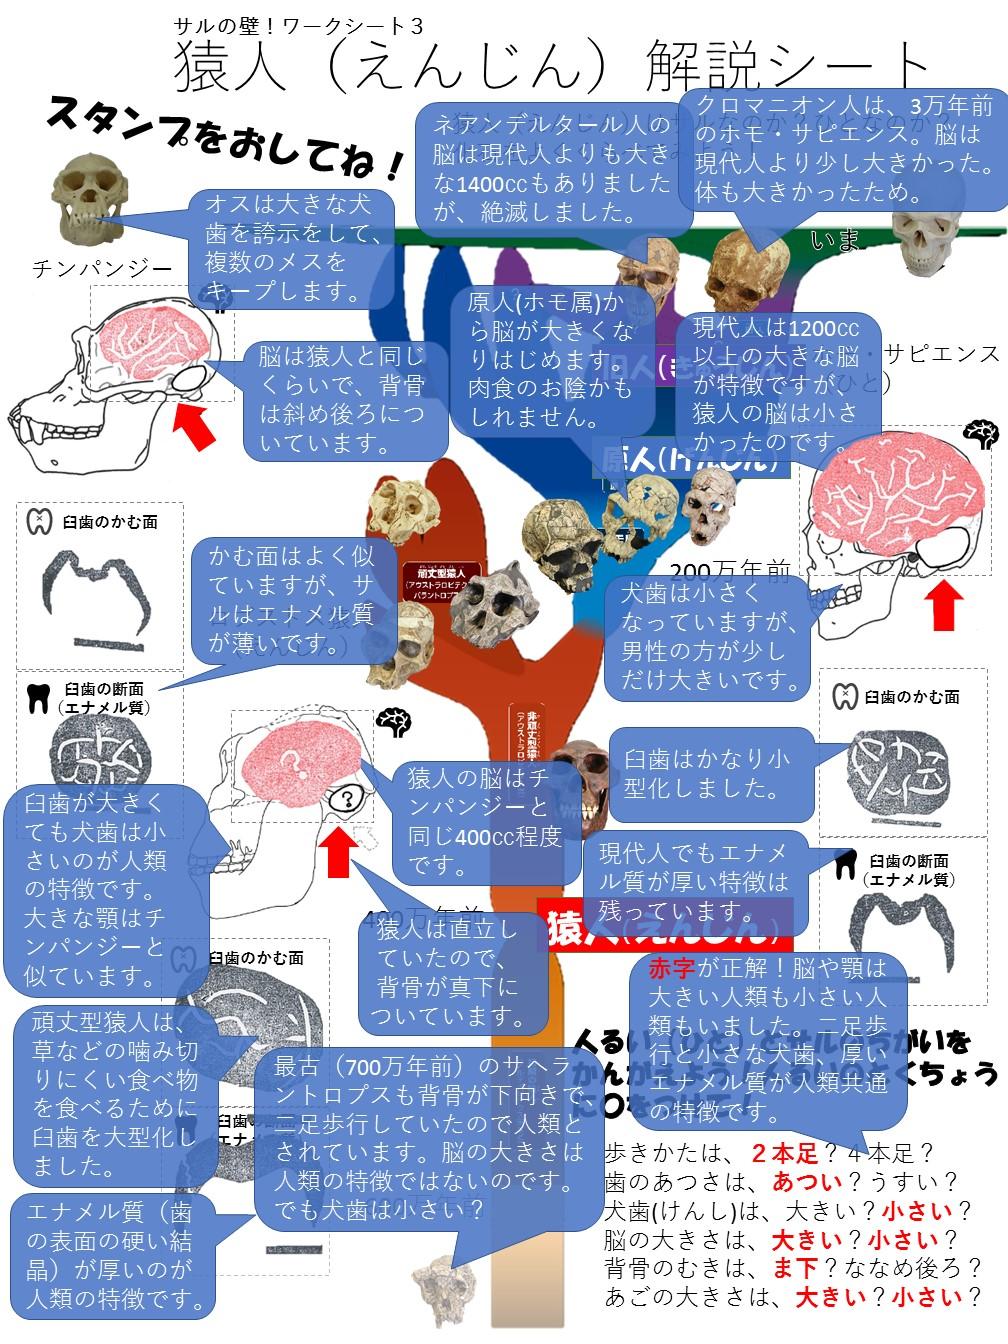 http://c14.um.u-tokyo.ac.jp/wiki/public/kyokasho/wiki.cgi?page=%A5%B5%A5%A4%A5%A8%A5%F3%A5%B9%A5%A2%A5%B4%A5%E92017&file=worksheet3A%2Ejpg&action=ATTACH